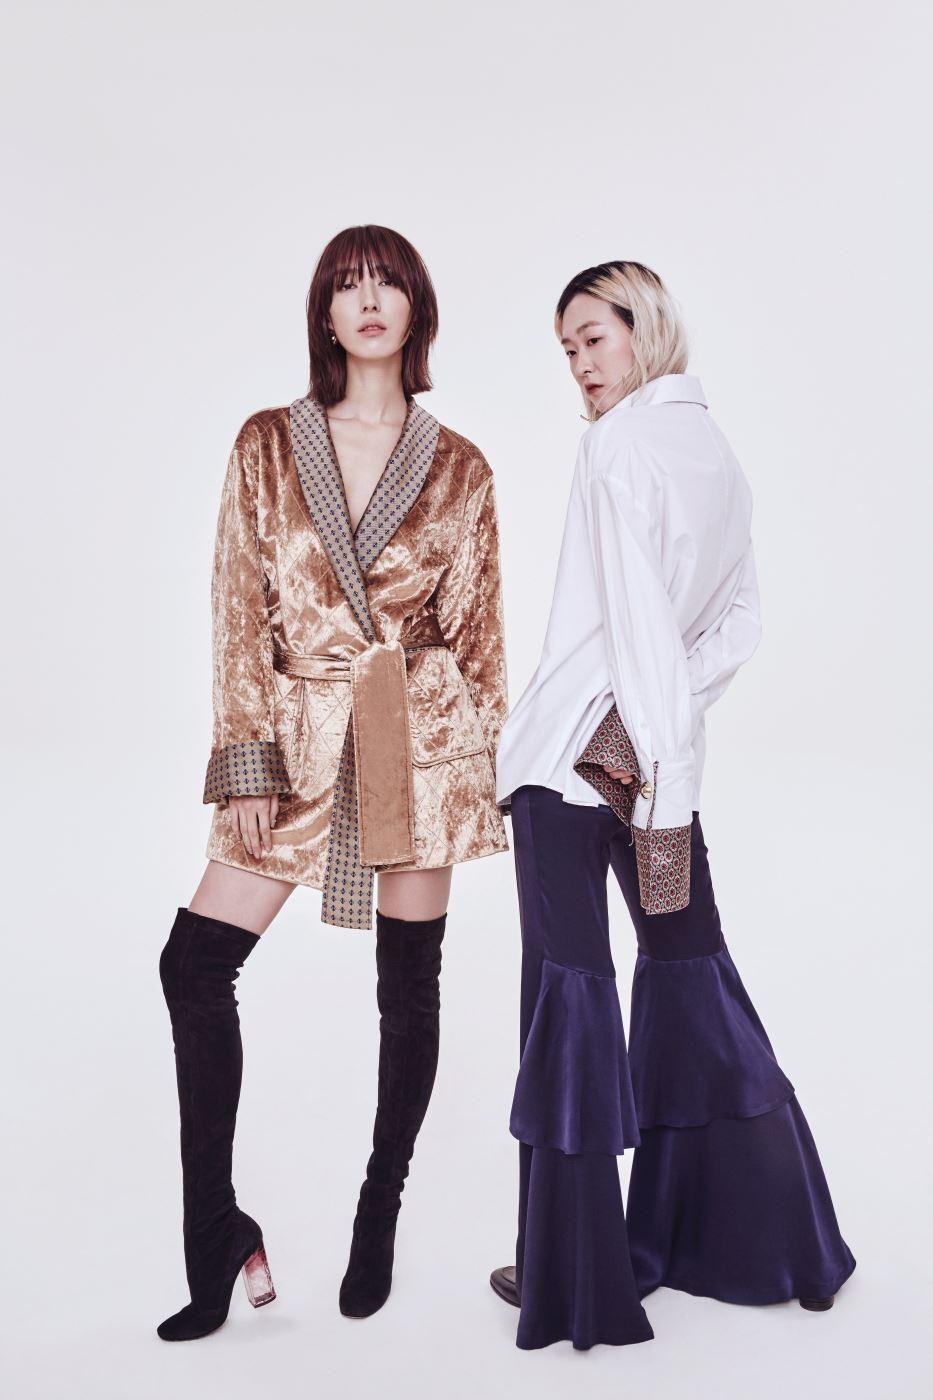 지현정이 입은 벨벳 재킷과 장수임이 입은 새틴 커프스 장식 셔츠, 티어드 러플 장식 팬츠는 모두 웰던 제품.